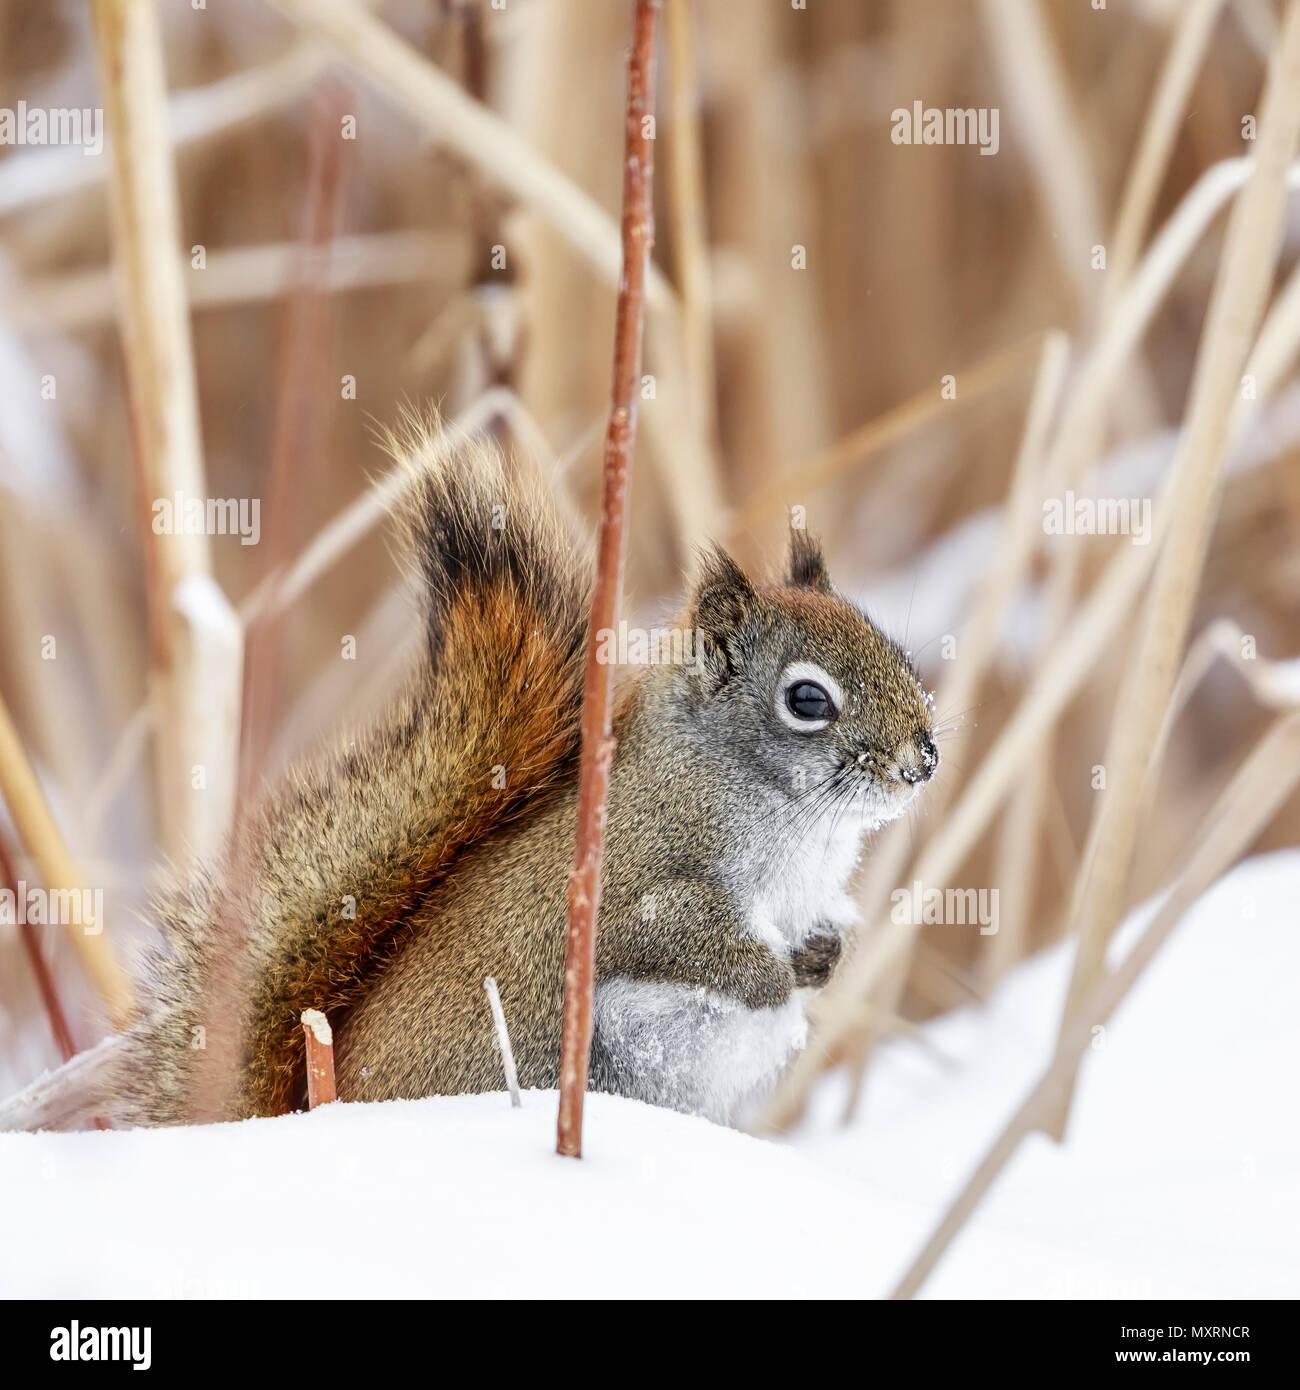 American Red Squirrel in snow, (Tamiasciurus hudsonicus), Manitoba, Canada. - Stock Image